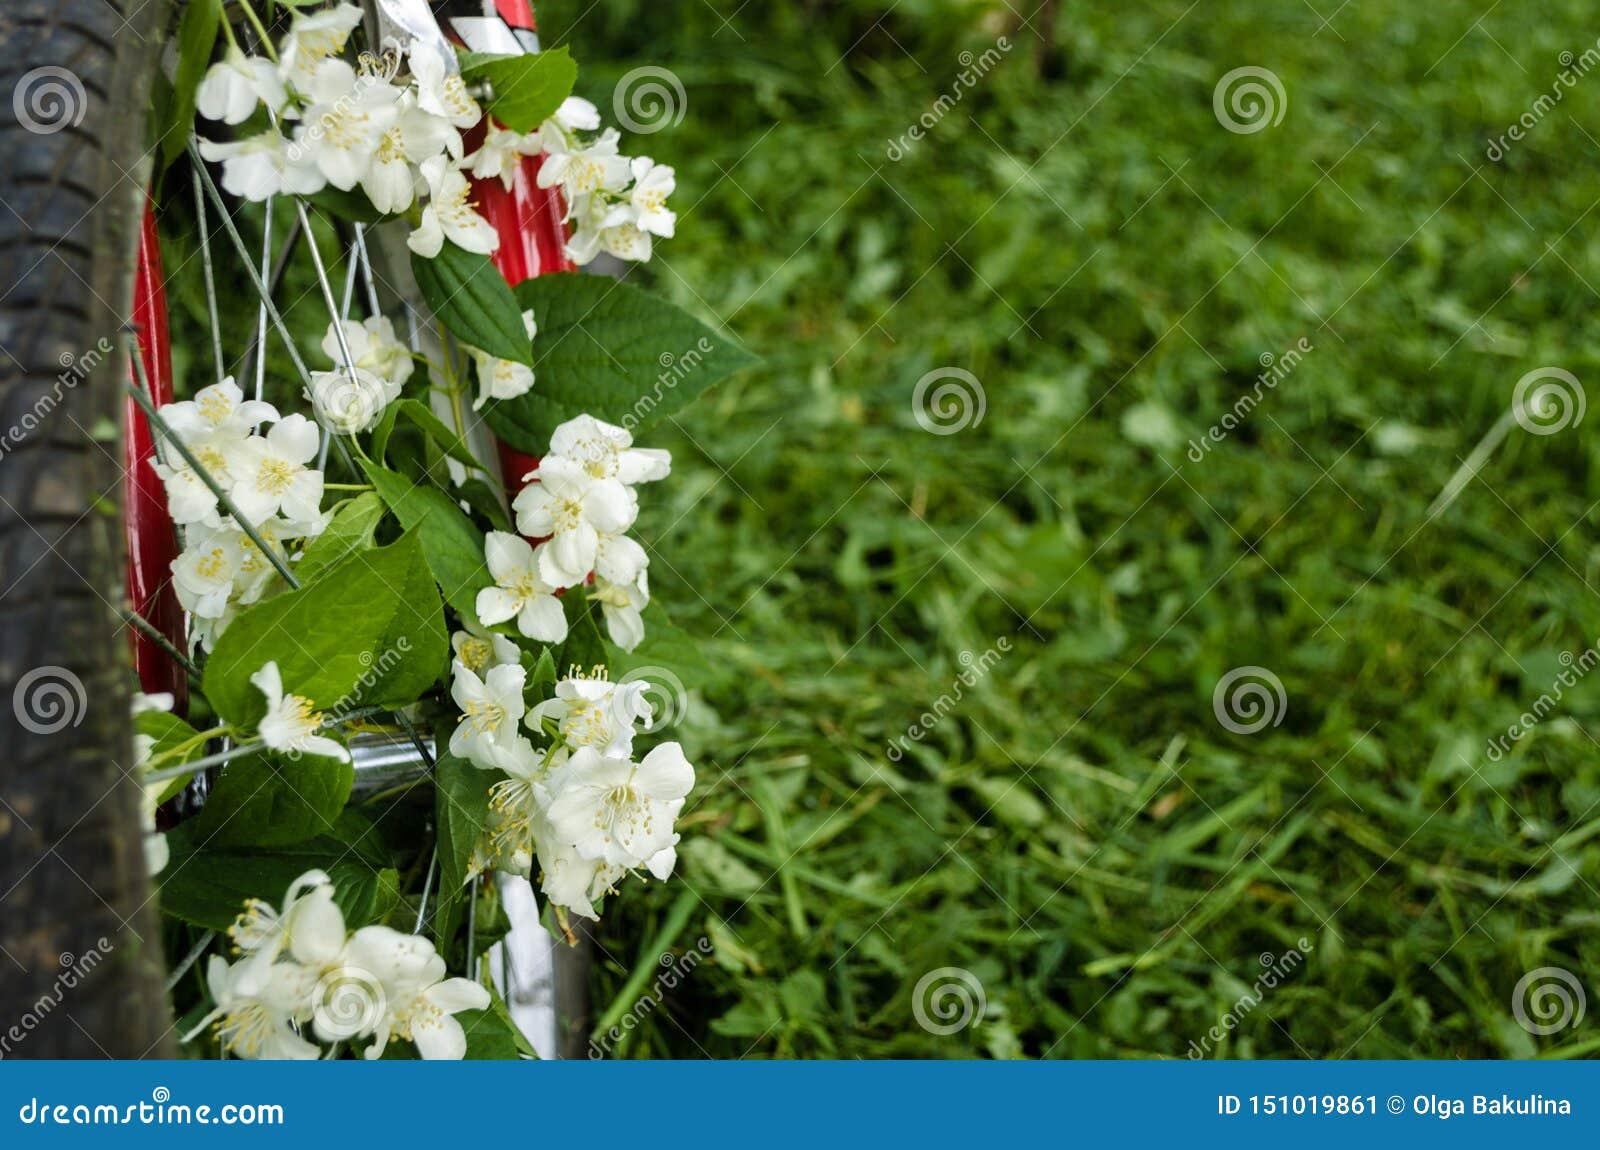 Όμορφα άσπρα λουλούδια jasmine στη ρόδα ενός κόκκινου παλαιού ποδηλάτου στα πλαίσια των πράσινων δέντρων, της κομμένων χλόης και